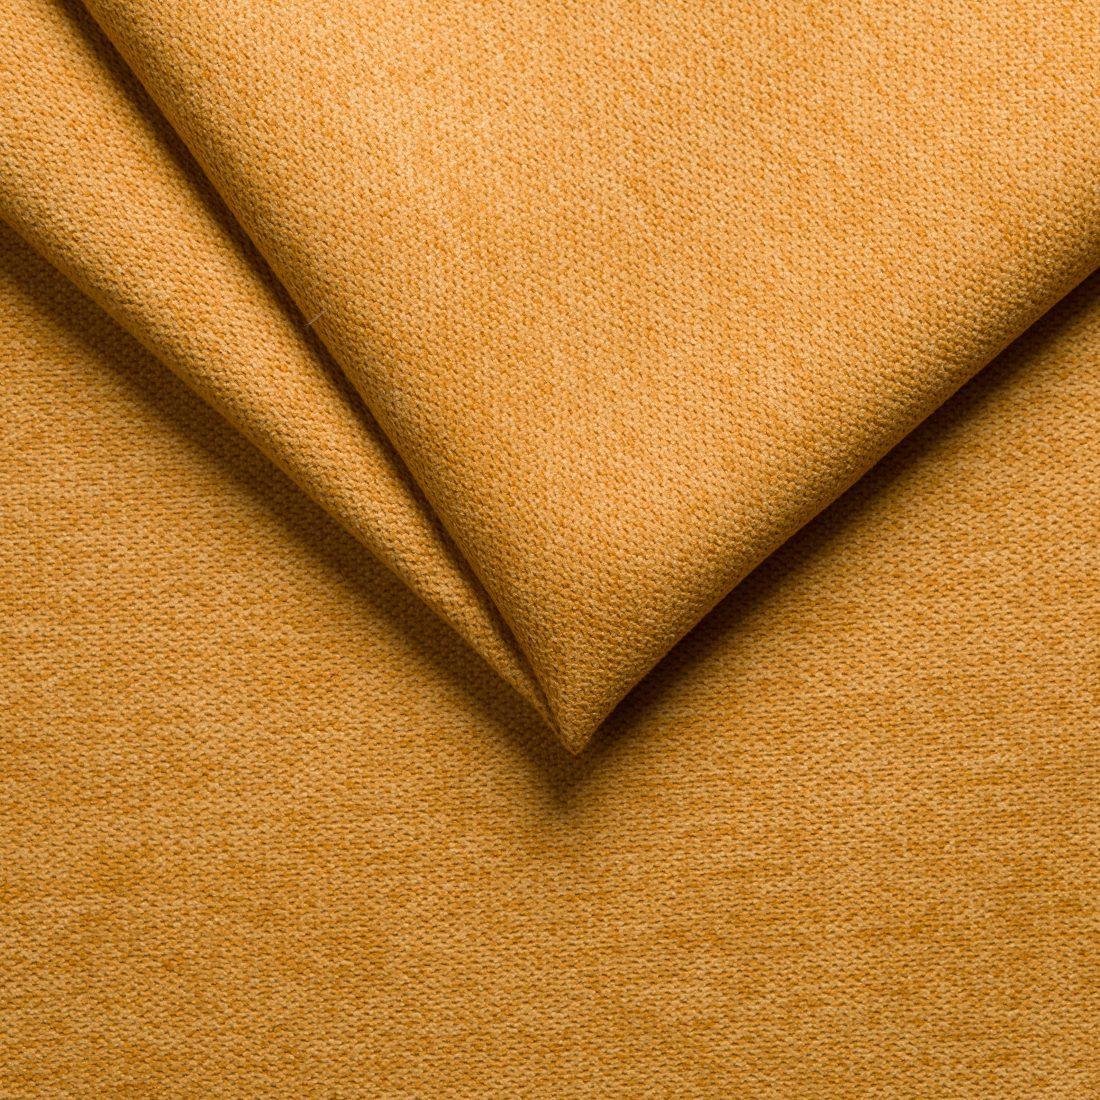 Мебельная ткань Enjoy 12 Mango, микрофибра